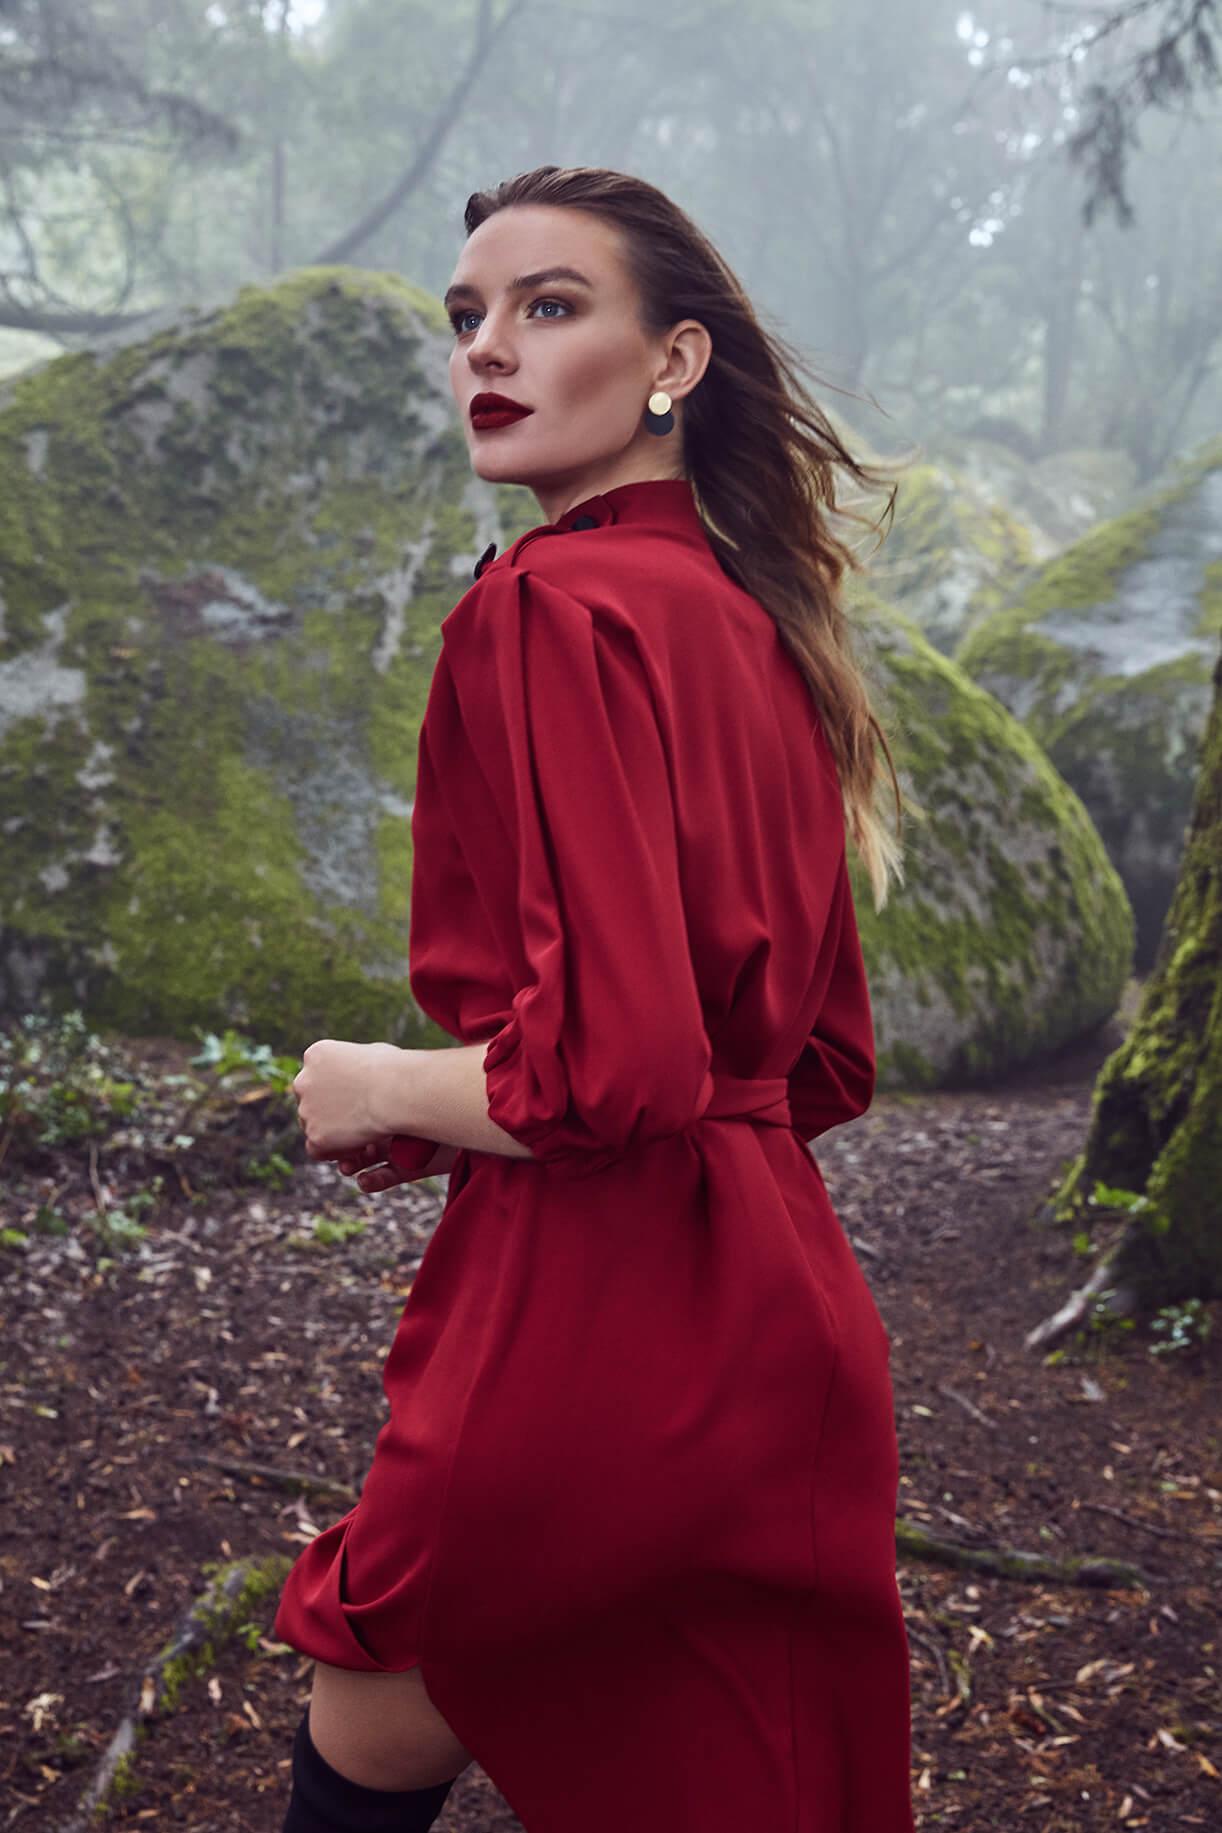 Модель в красном платье и с ярким макияжем в туманном лесу